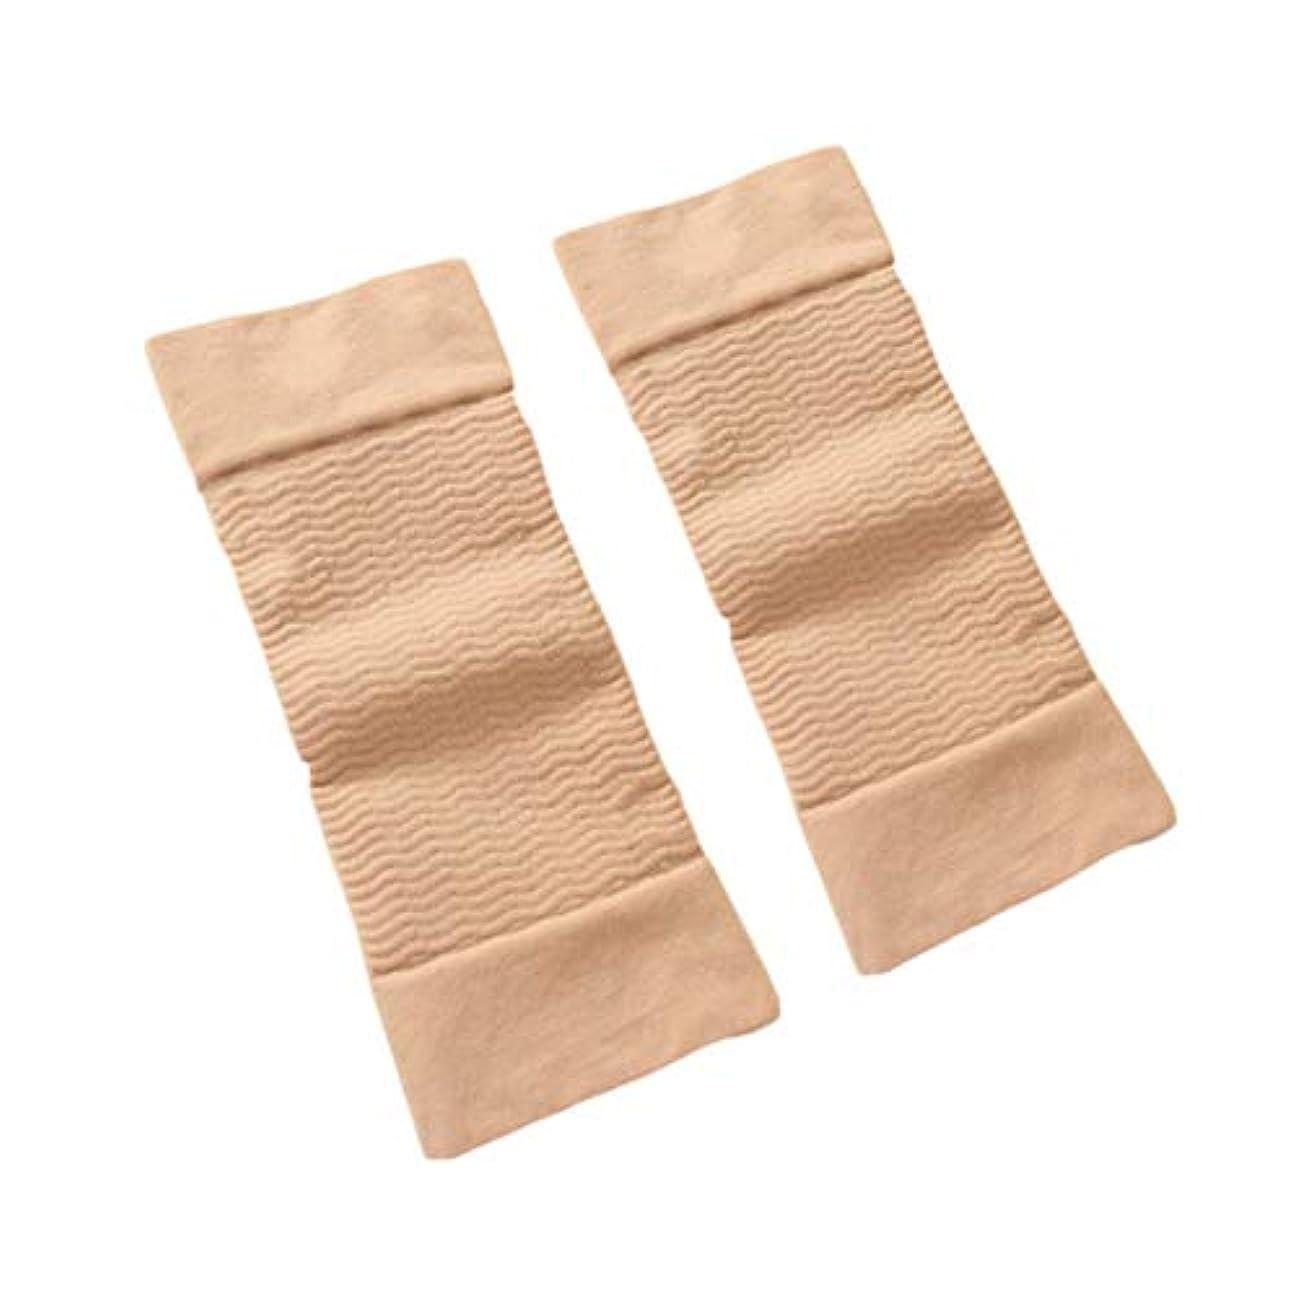 クランプ埋める強化する1ペア420 D圧縮痩身アームスリーブワークアウトトーニングバーンセルライトシェイパー脂肪燃焼袖用女性 - 肌色